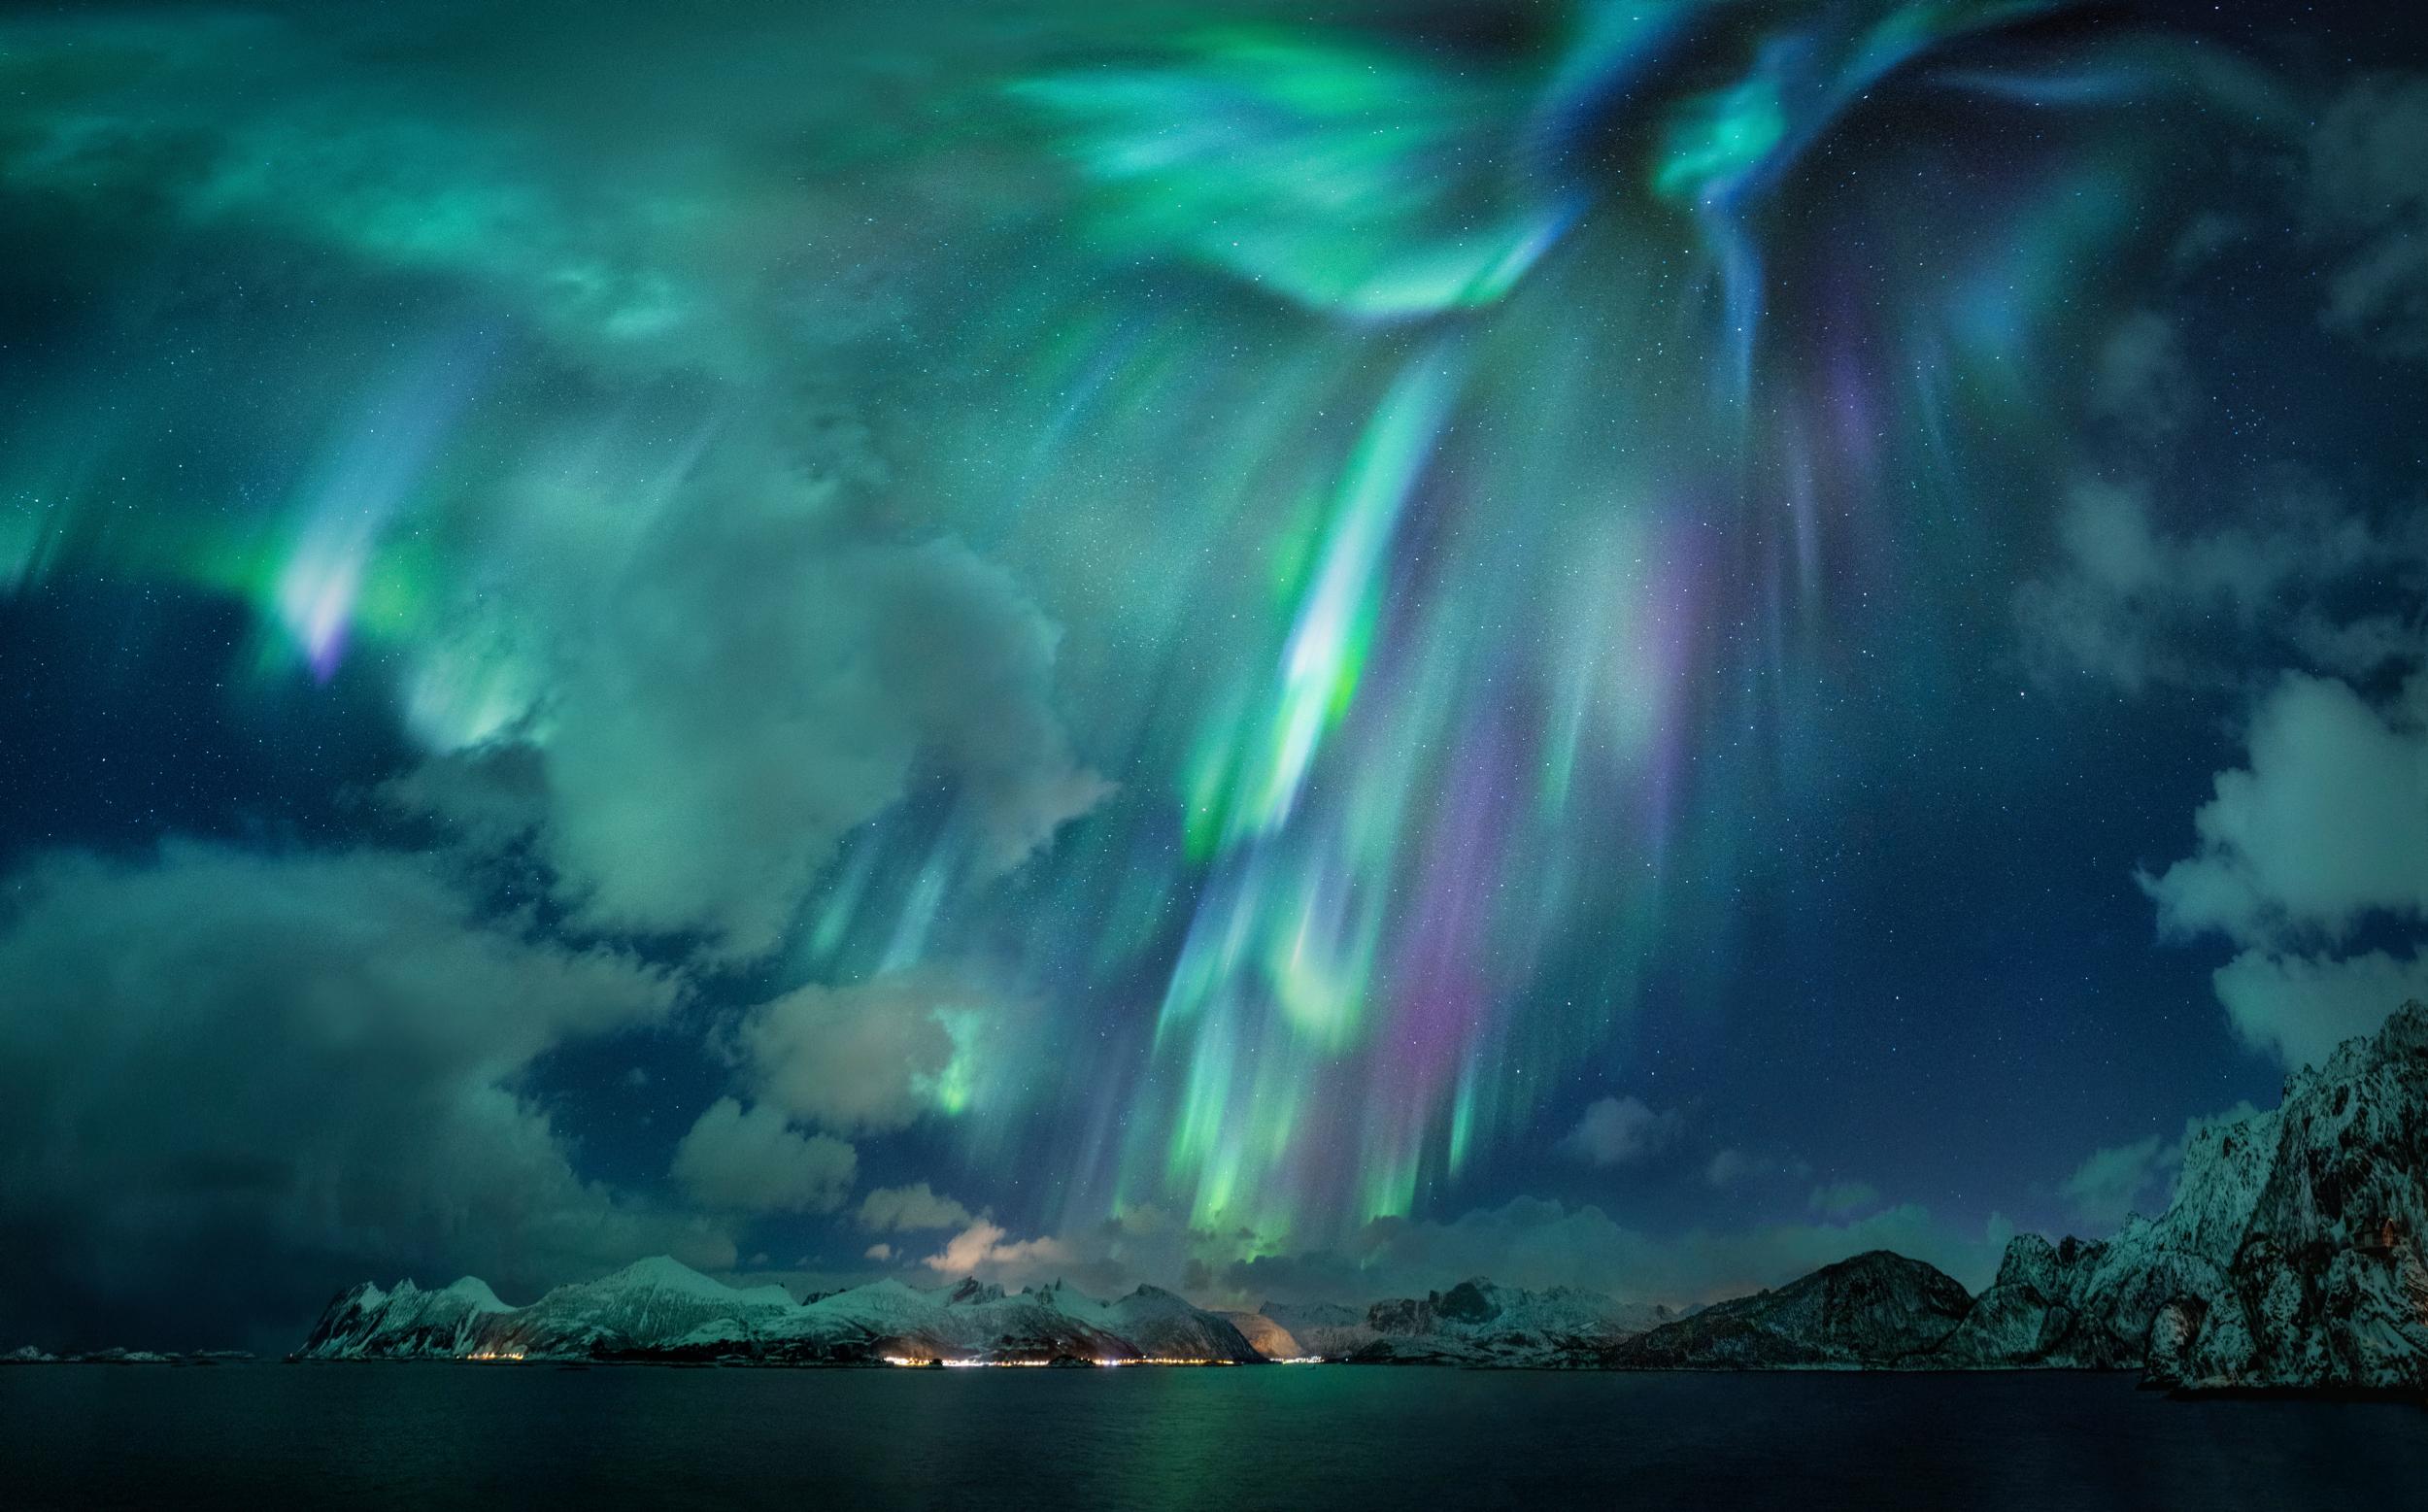 Imagem vencedora na categoria aurora. Crédito: Nicholas Roemmelt (Alemanha)